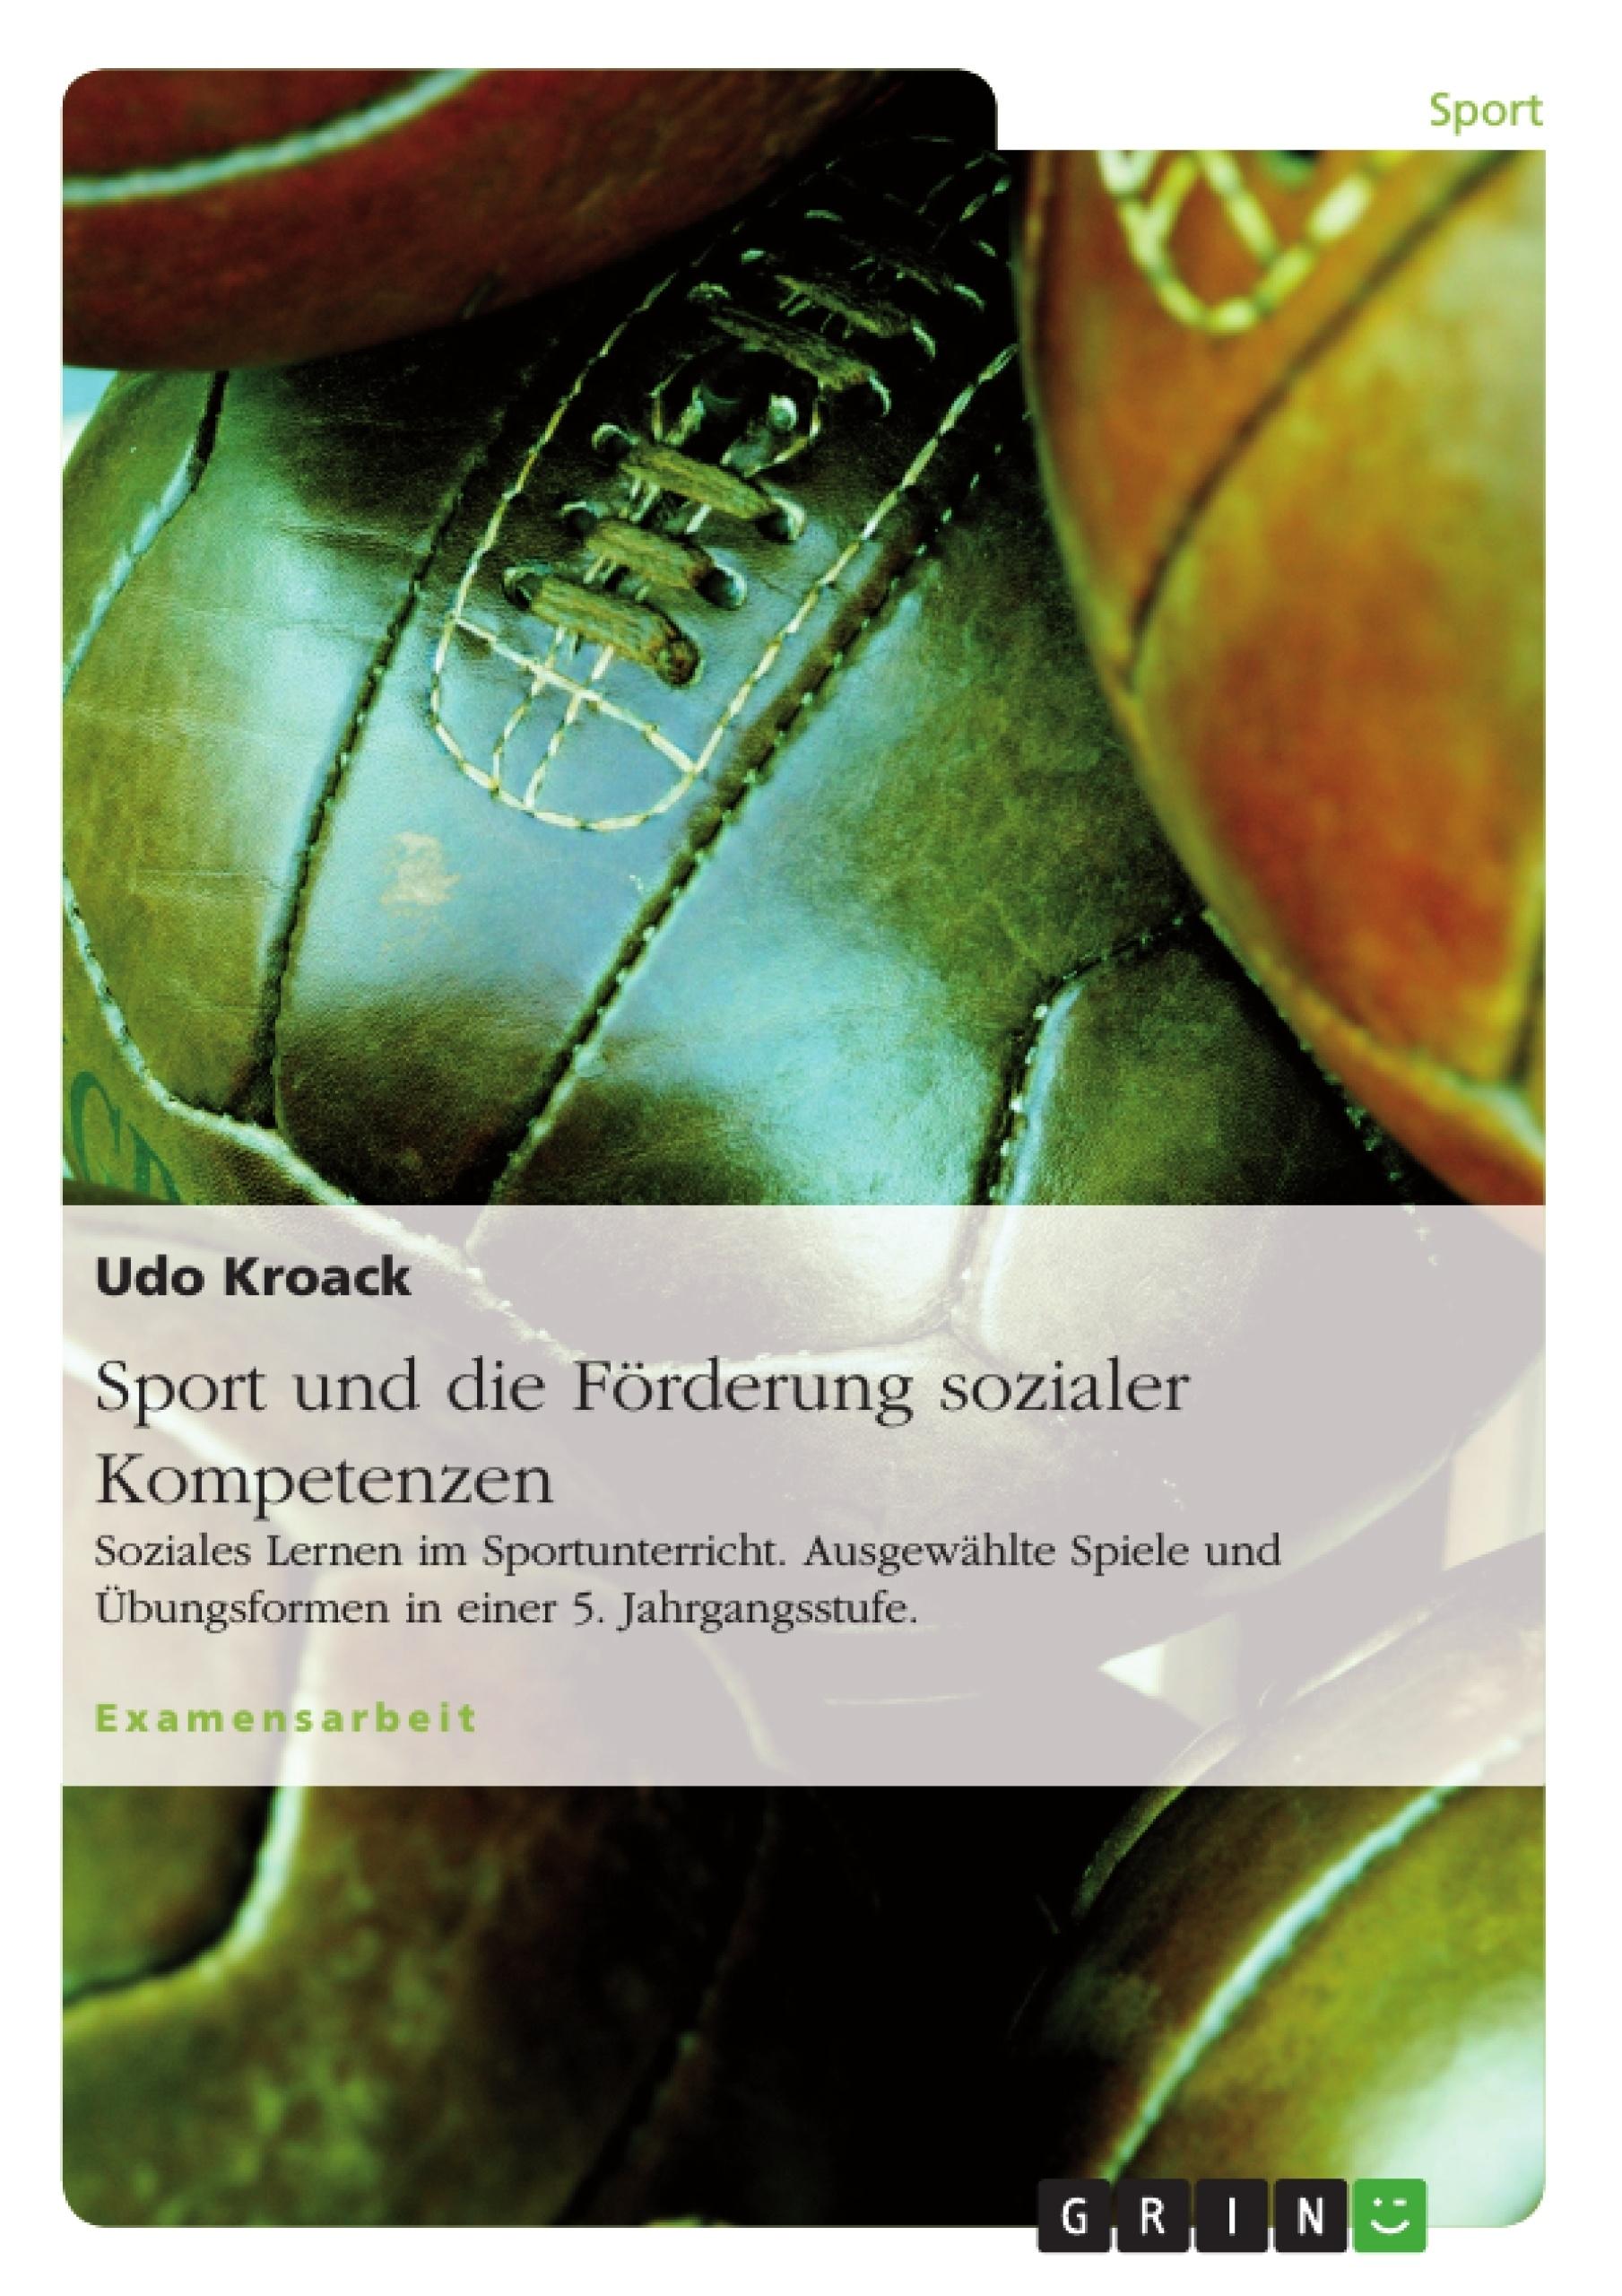 Titel: Sport und die Förderung sozialer Kompetenzen